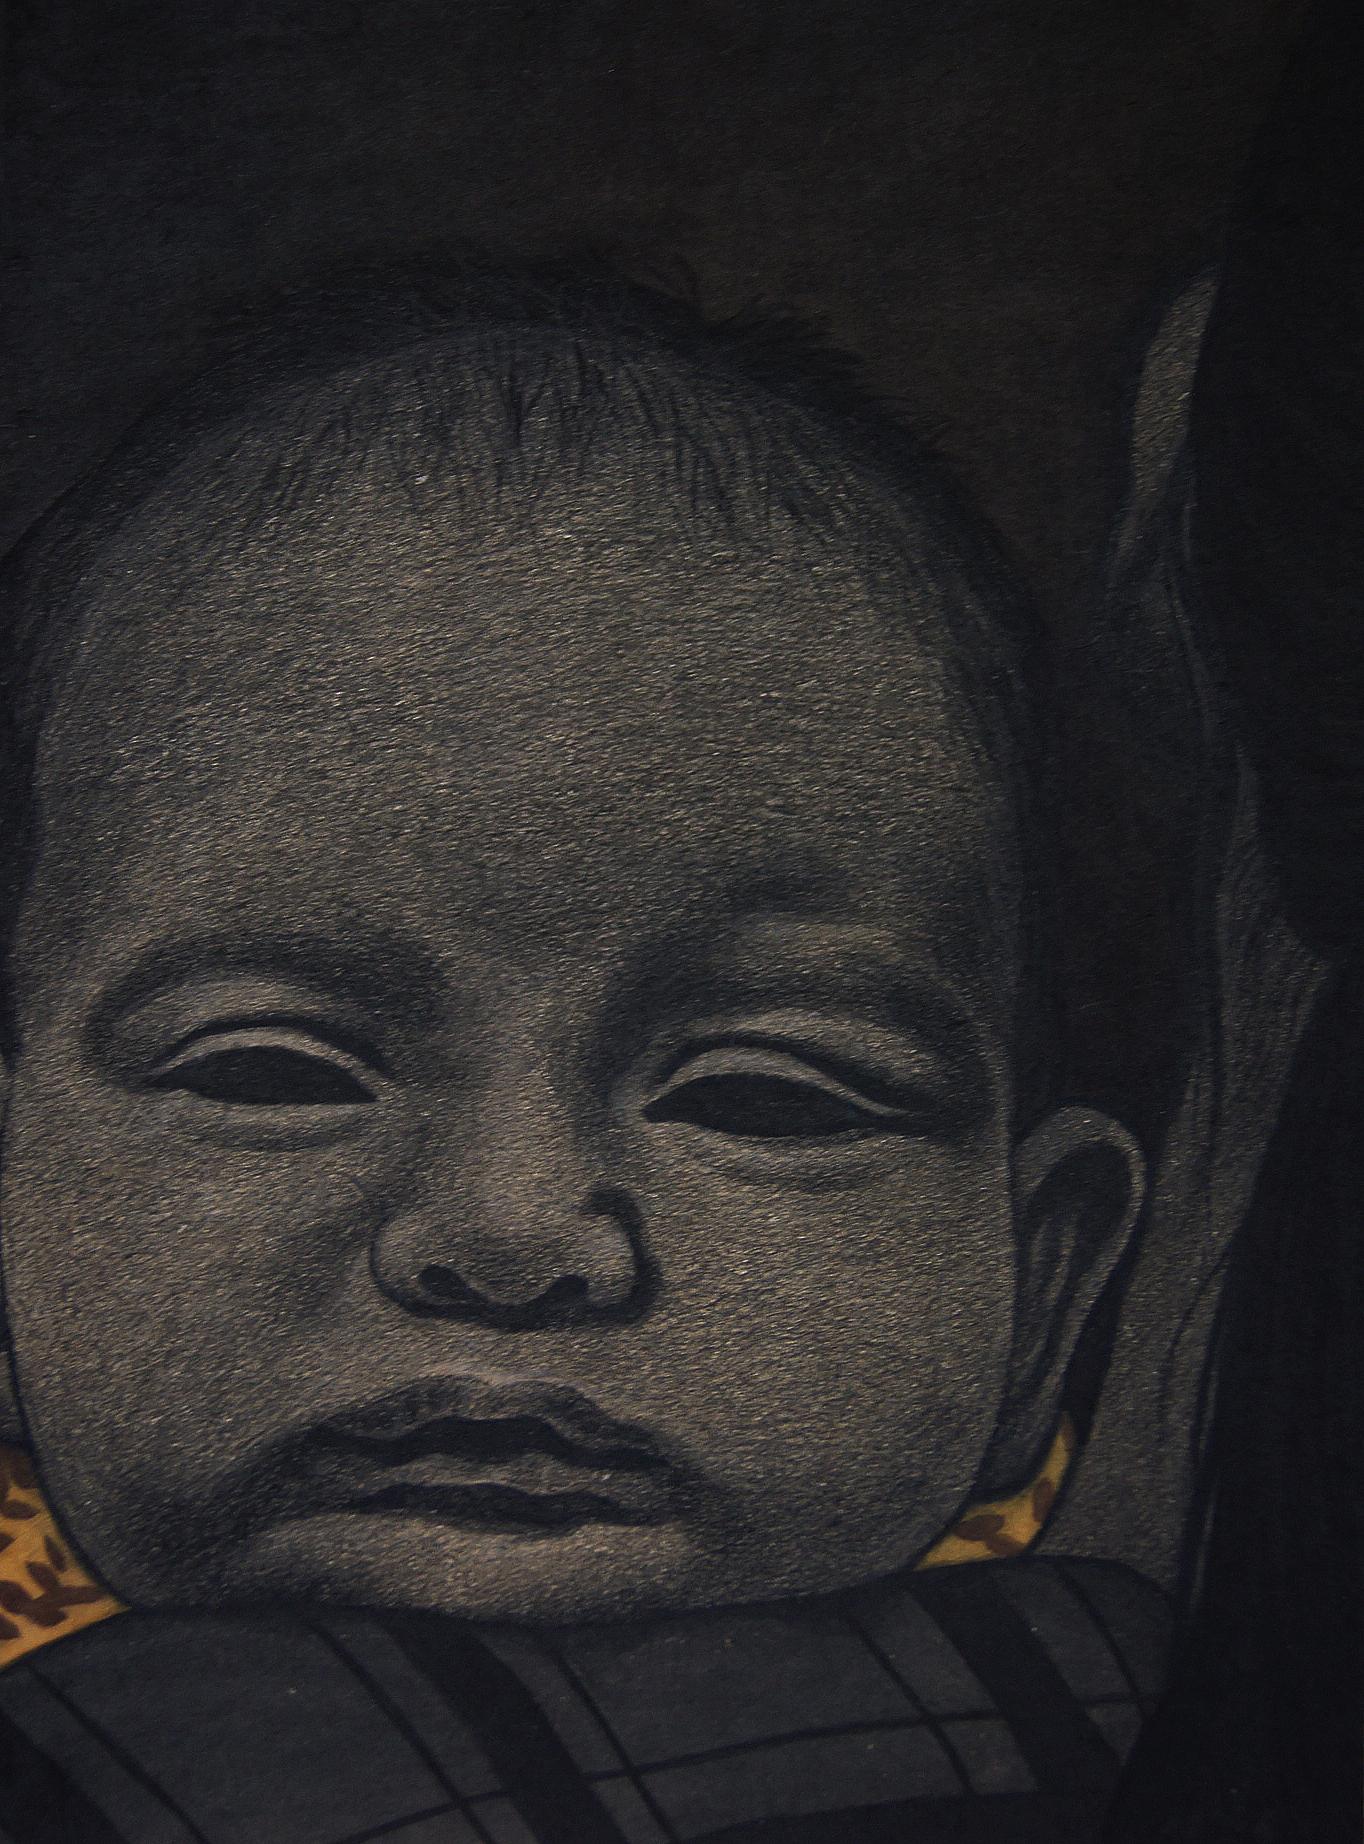 외출하기가 귀찮은 어느 신생아의 초상